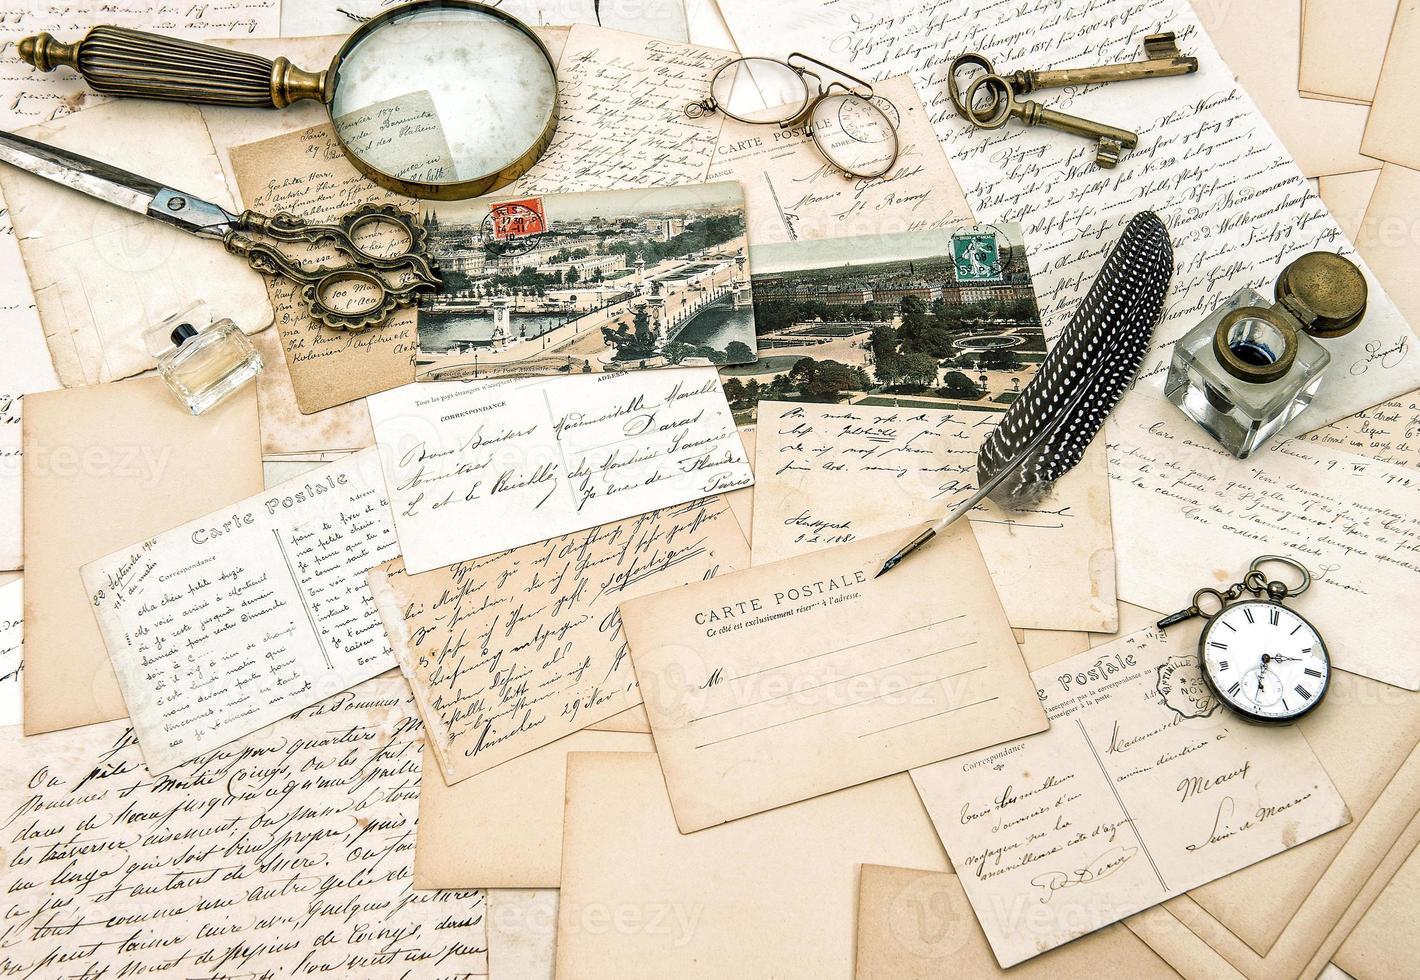 oude handgeschreven franse brieven en ansichtkaarten, vintage kantoor acc foto